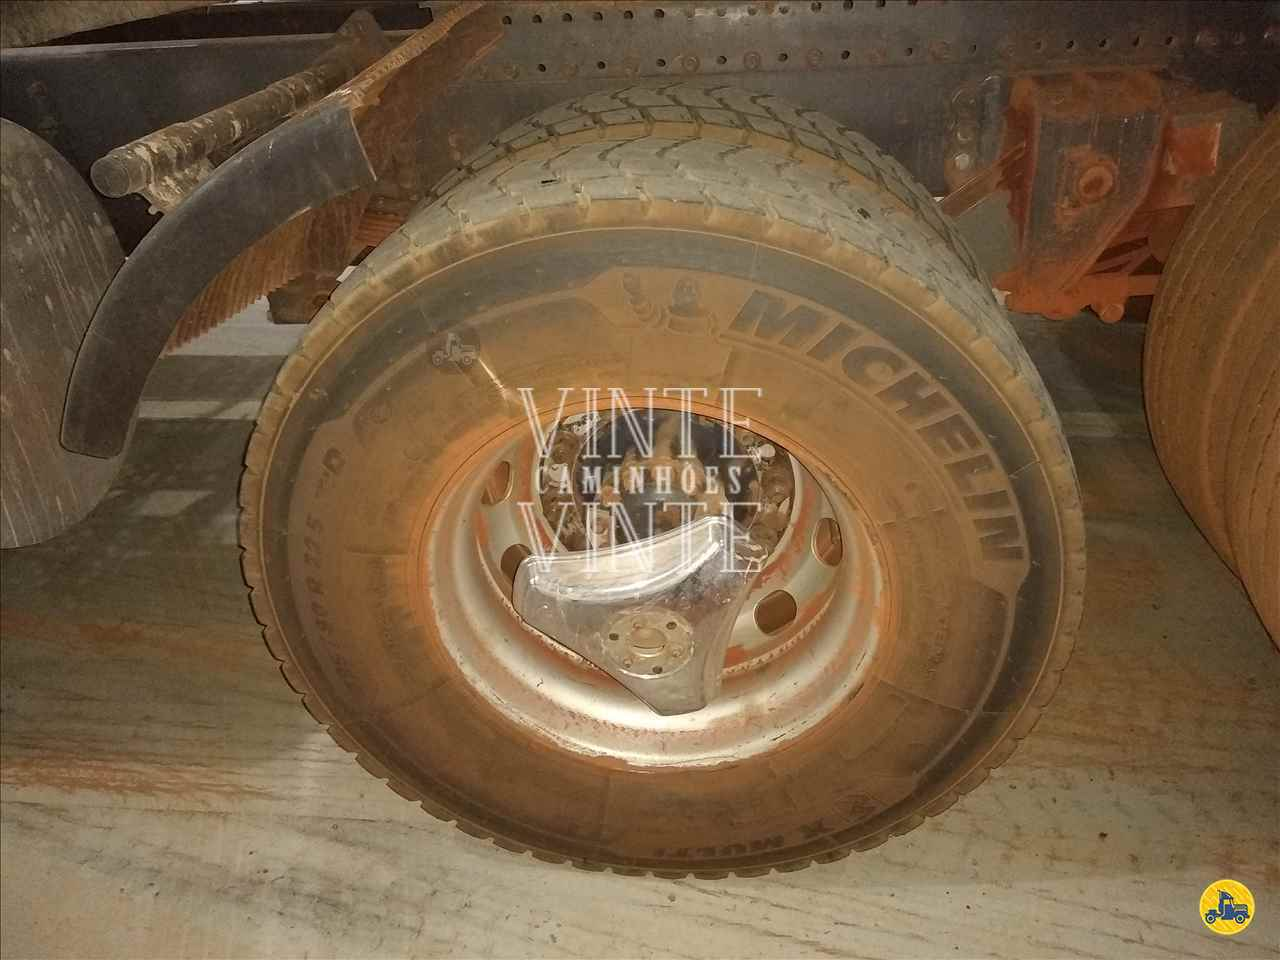 VOLVO VOLVO FH 440 1050000km 2010/2010 Vinte-Vinte Caminhões